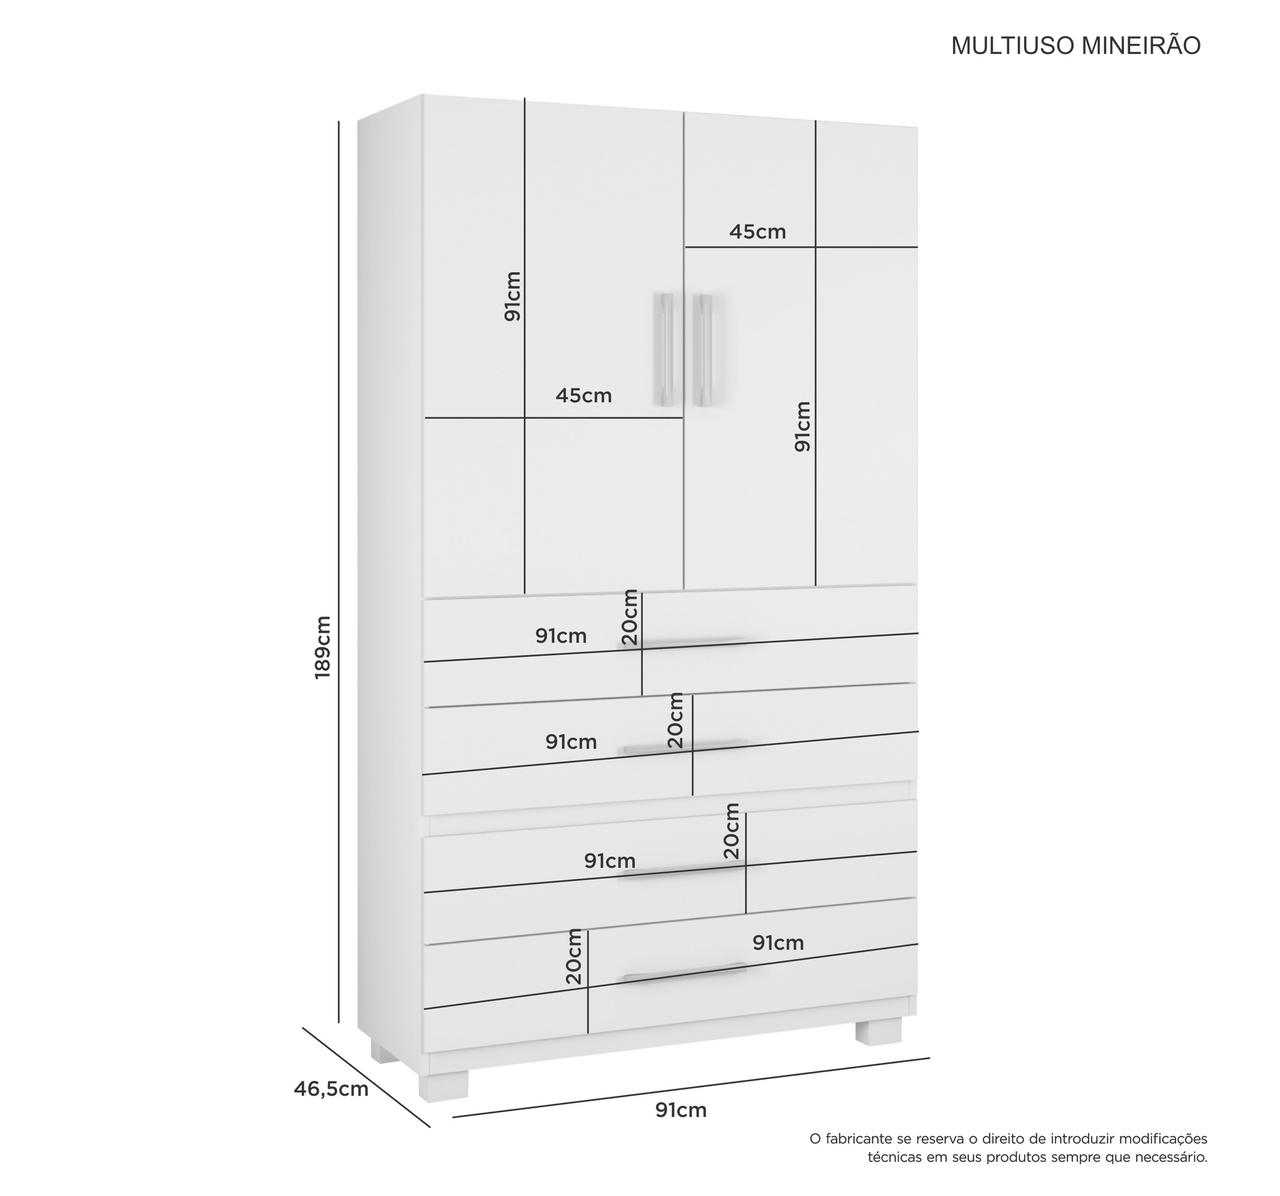 Multiuso 2 Portas e 4 Gavetas Mineirão Jcm Movelaria